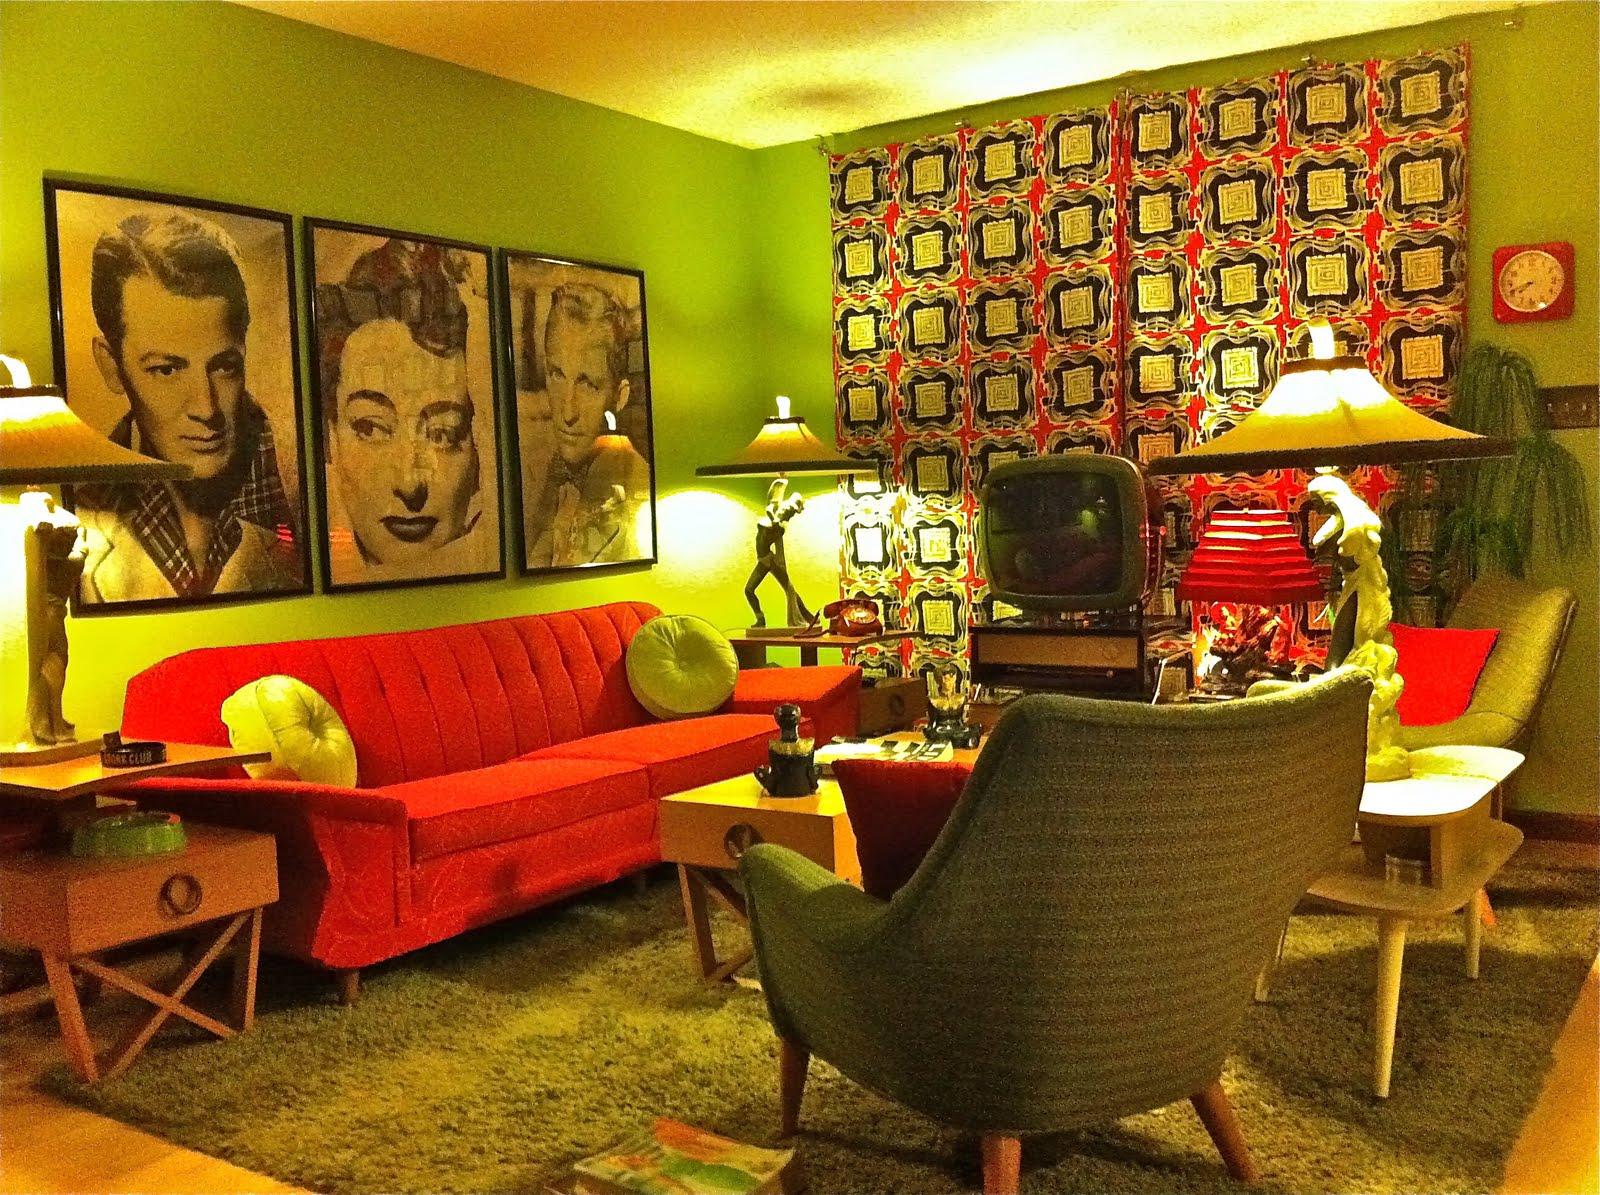 Estilos Decoracion Kitsch ~ El estilo Kitsch en casa  Ideas para decorar, dise?ar y mejorar tu